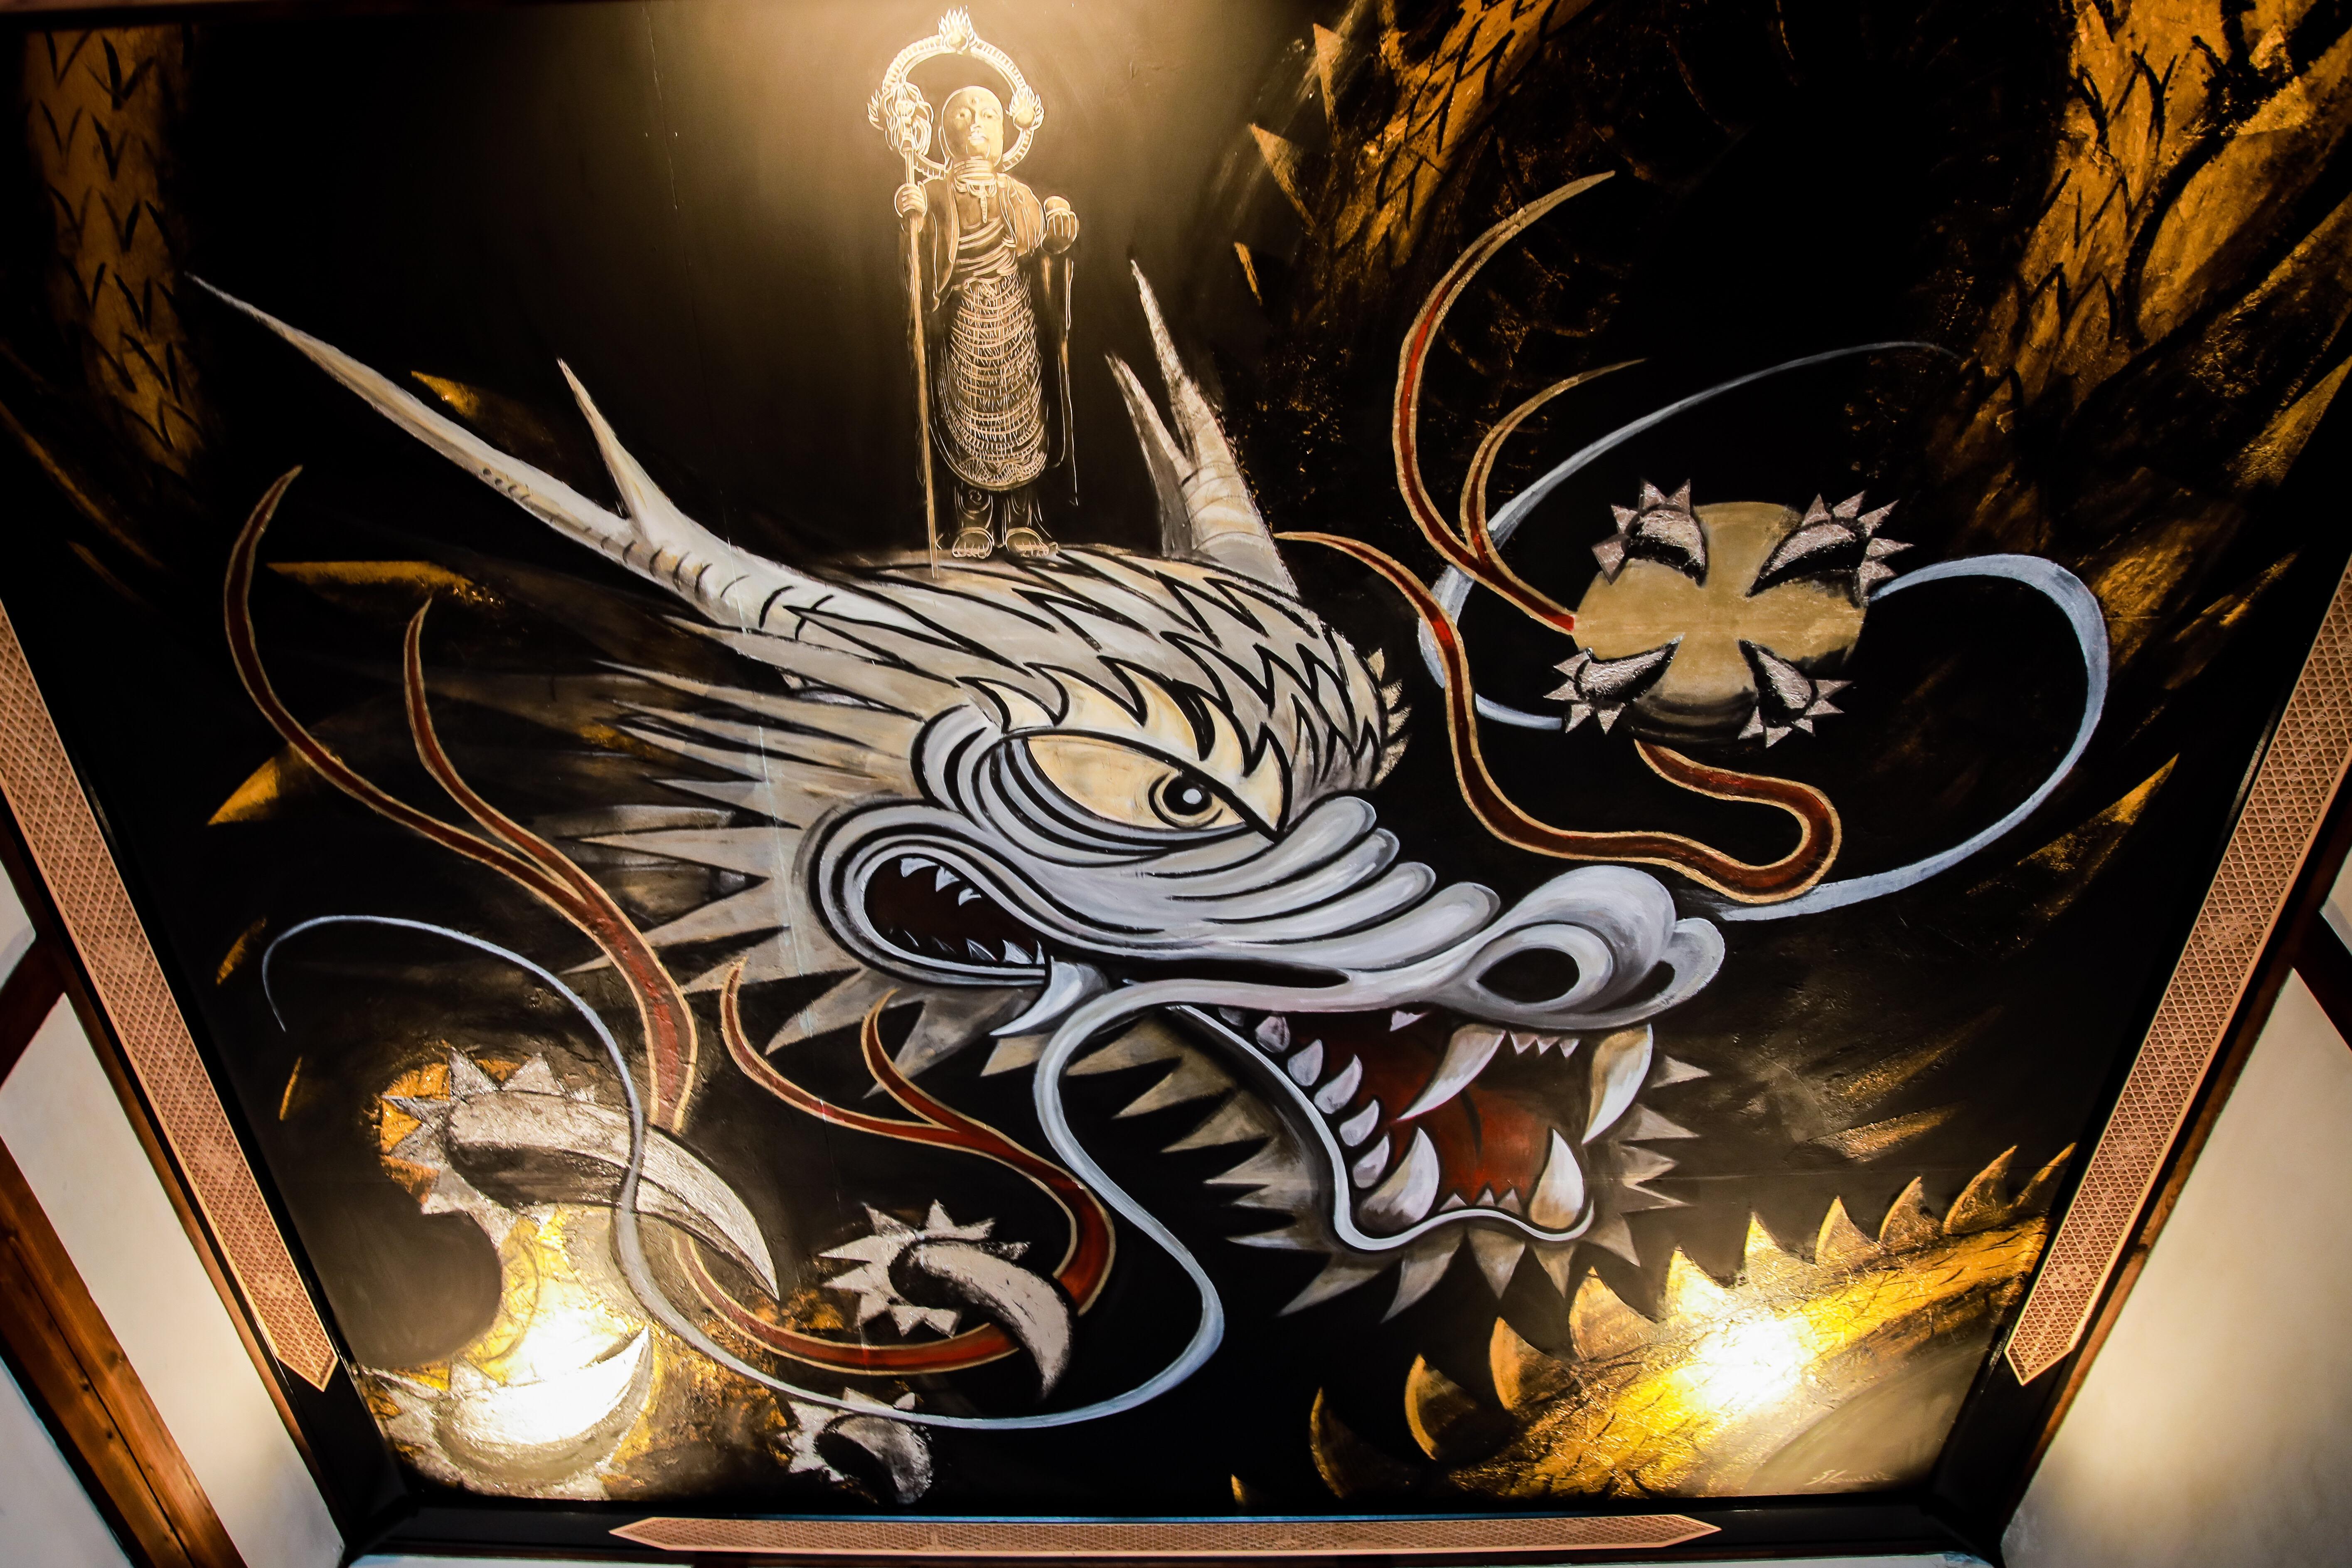 写真:九度山町椎出・地蔵寺の「地蔵昇龍」(1枚目)